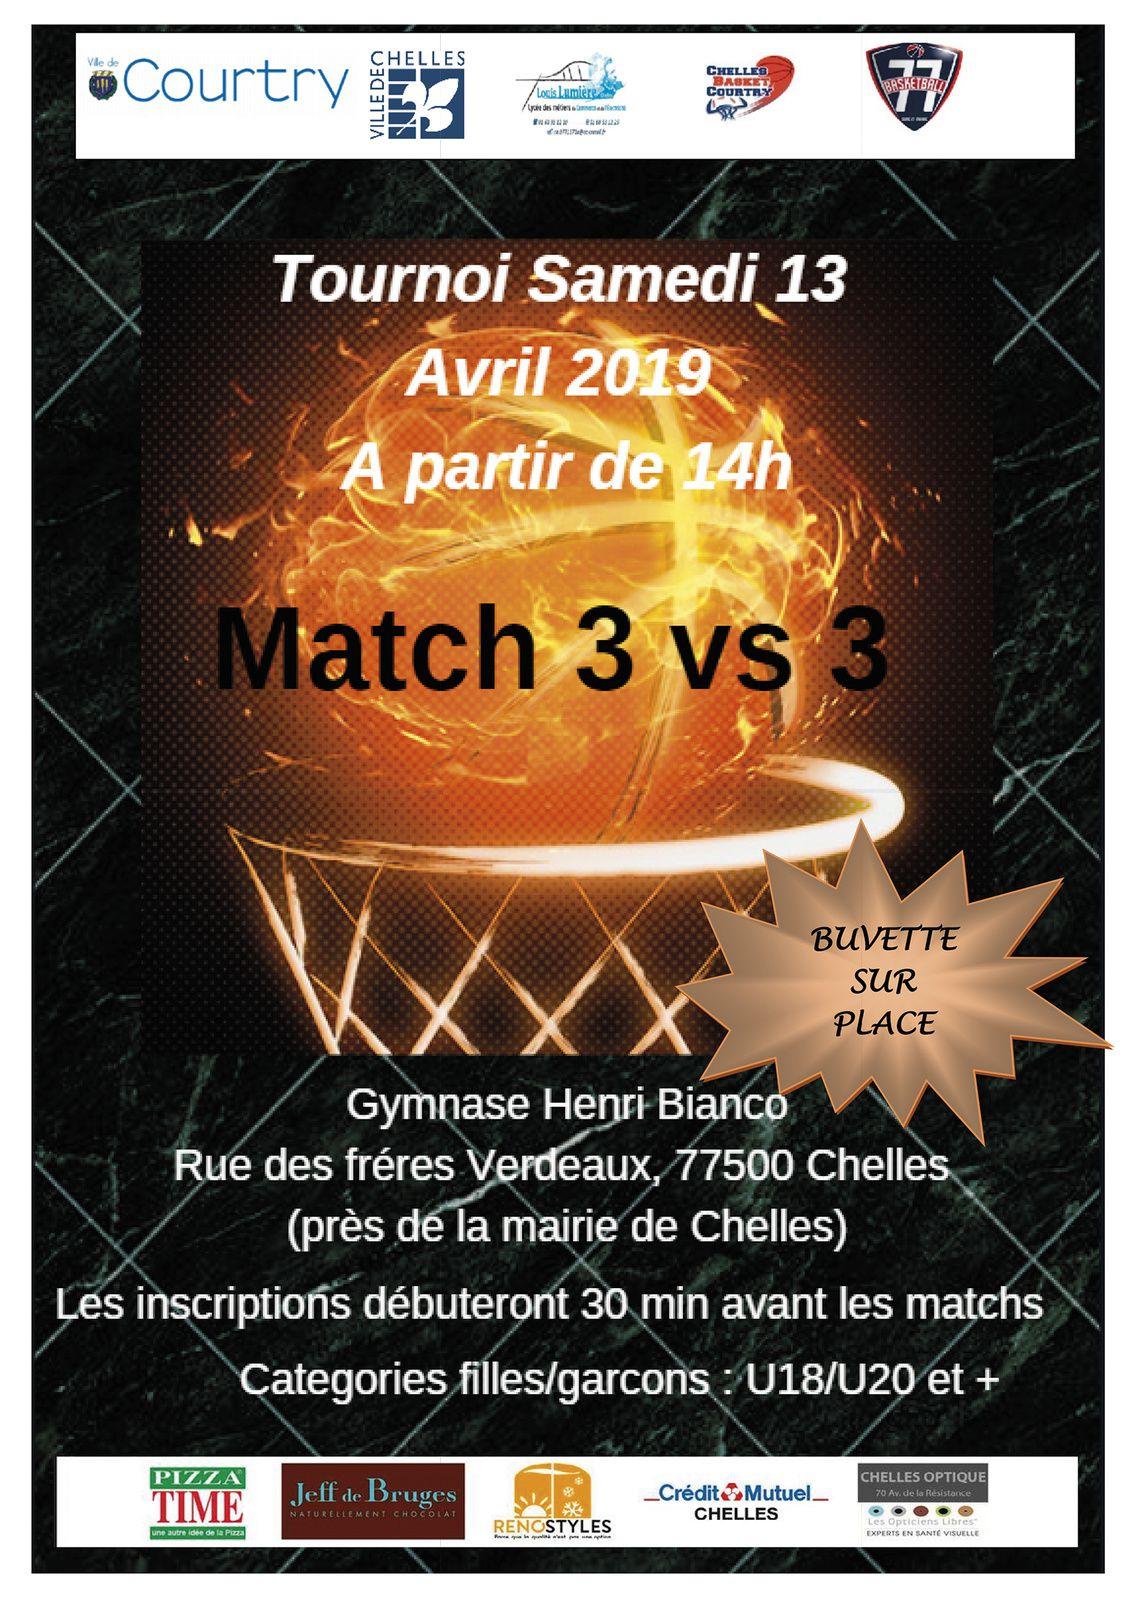 Matchs du 10 au 14 avril 2019